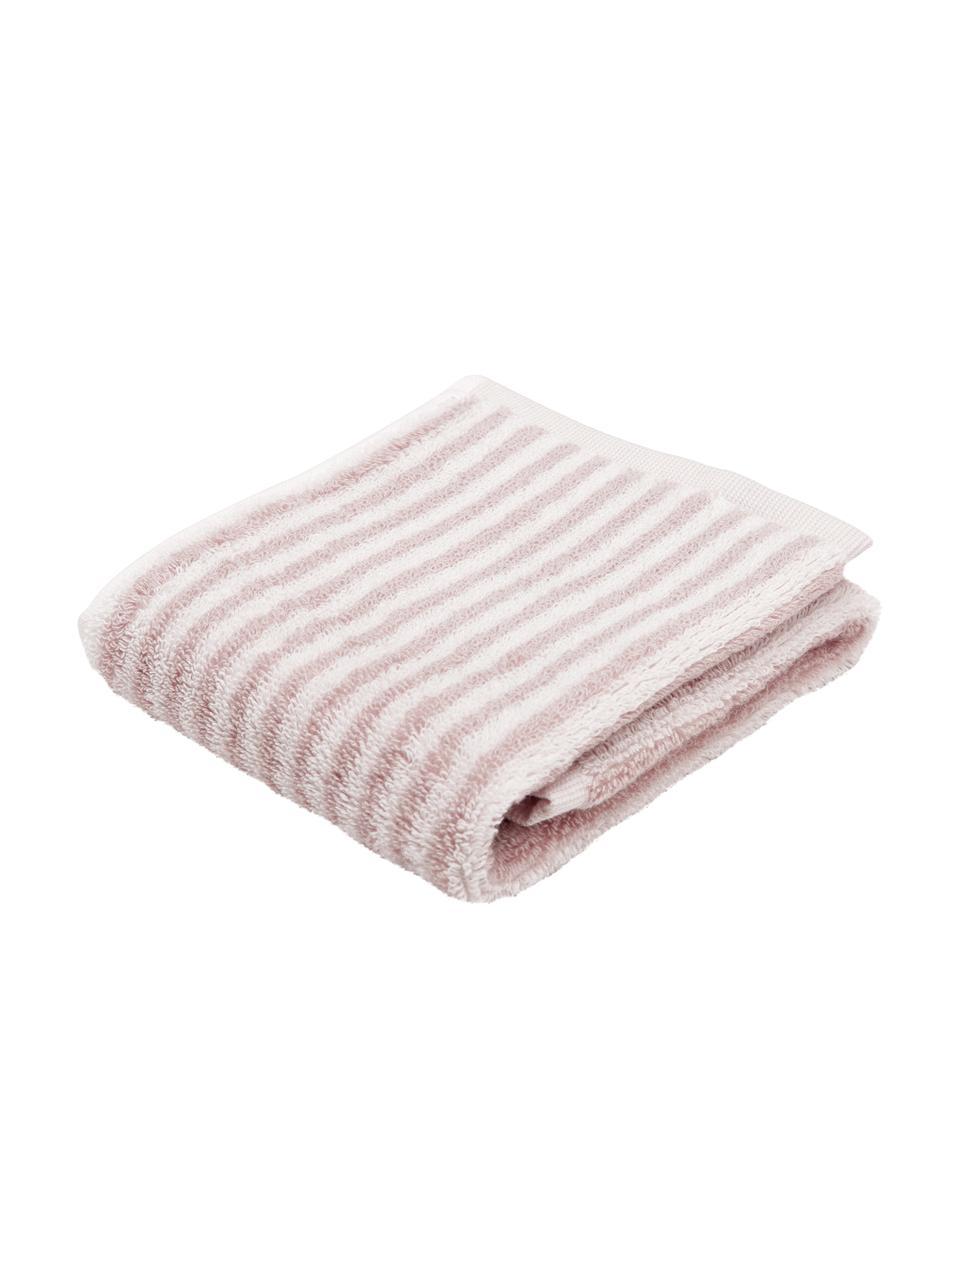 Serviette de toilette coton pur à rayures Viola, Rose, blanc crème